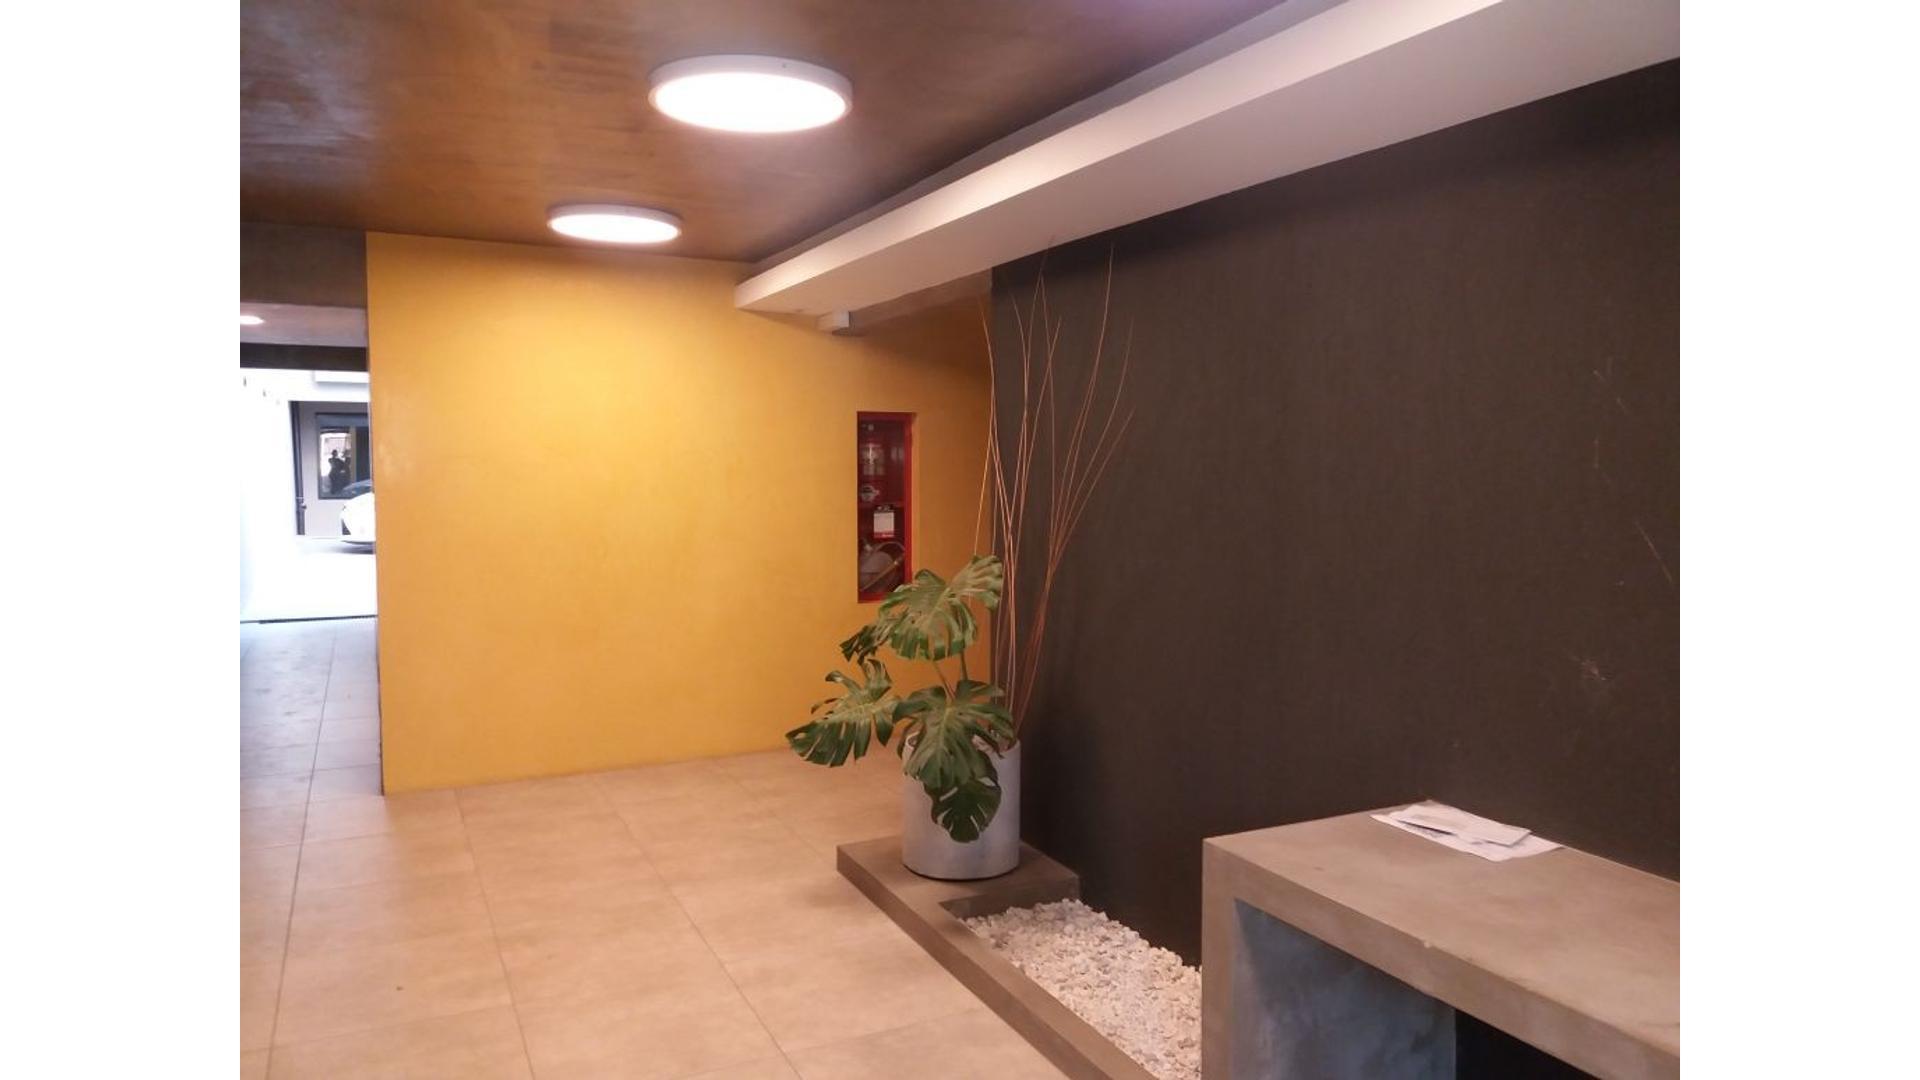 Hermoso y amplio monoambiente a estrenar con balcon terraza y parrilla, Dueno Directo!!